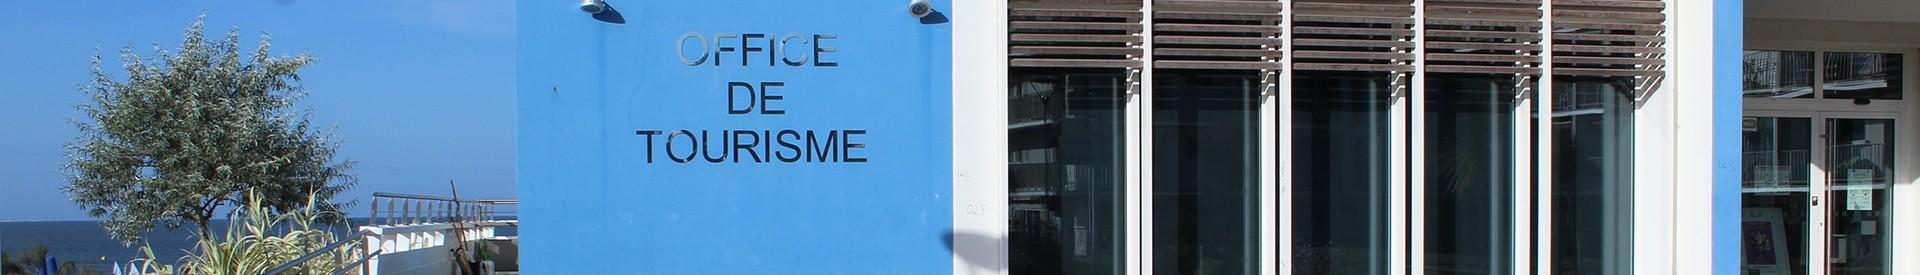 office-de-tourisme-st-brevin-789